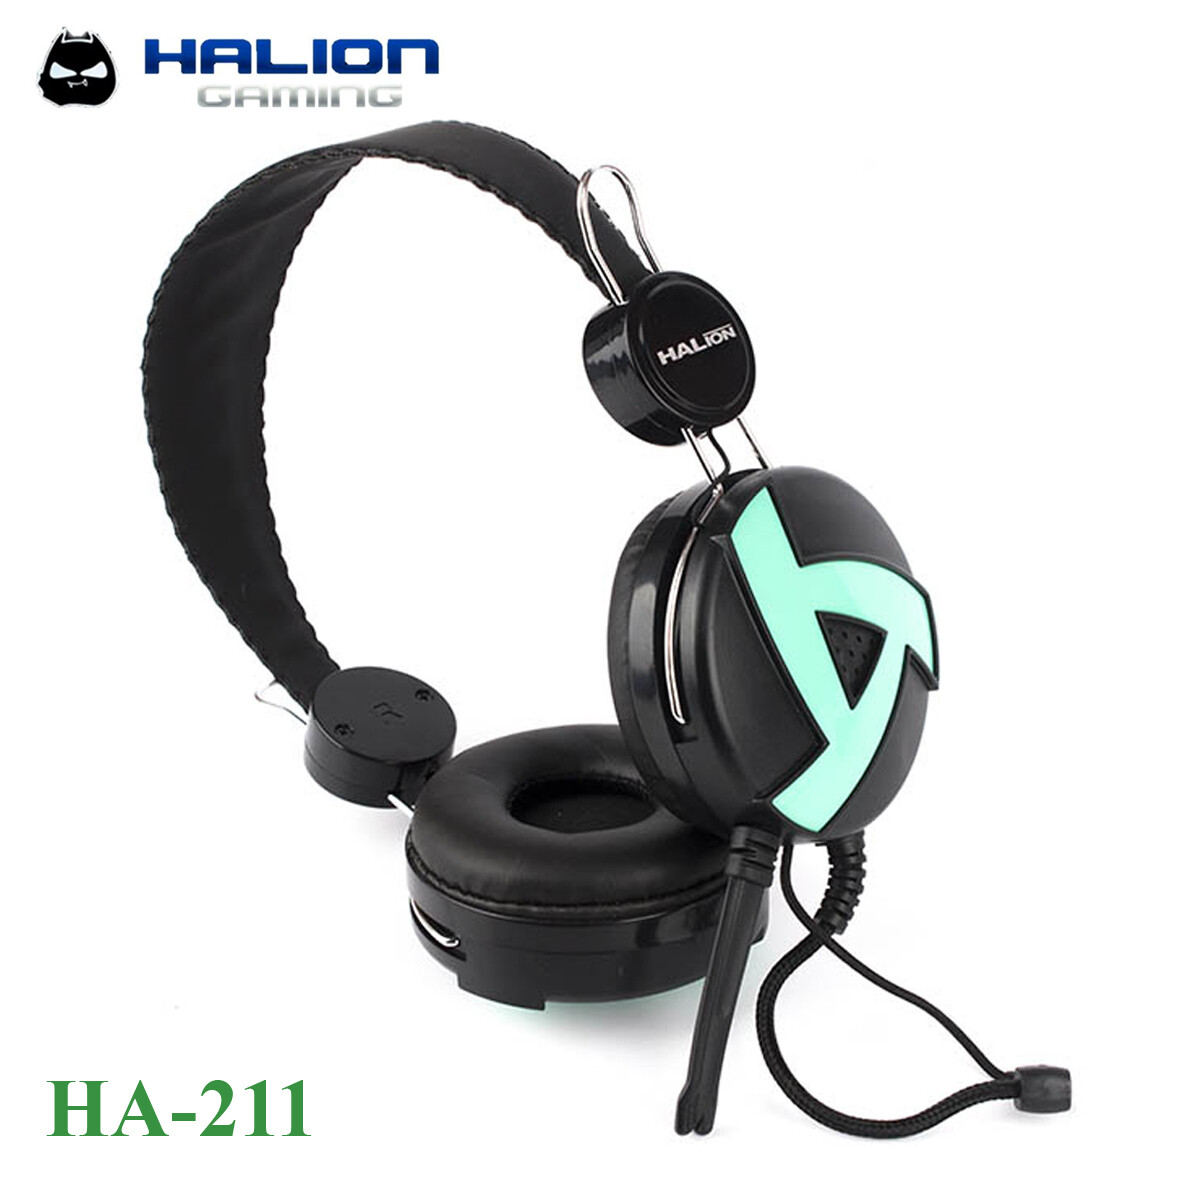 AUDIFONO GAMING HALION HA-211 VERDE GAMER